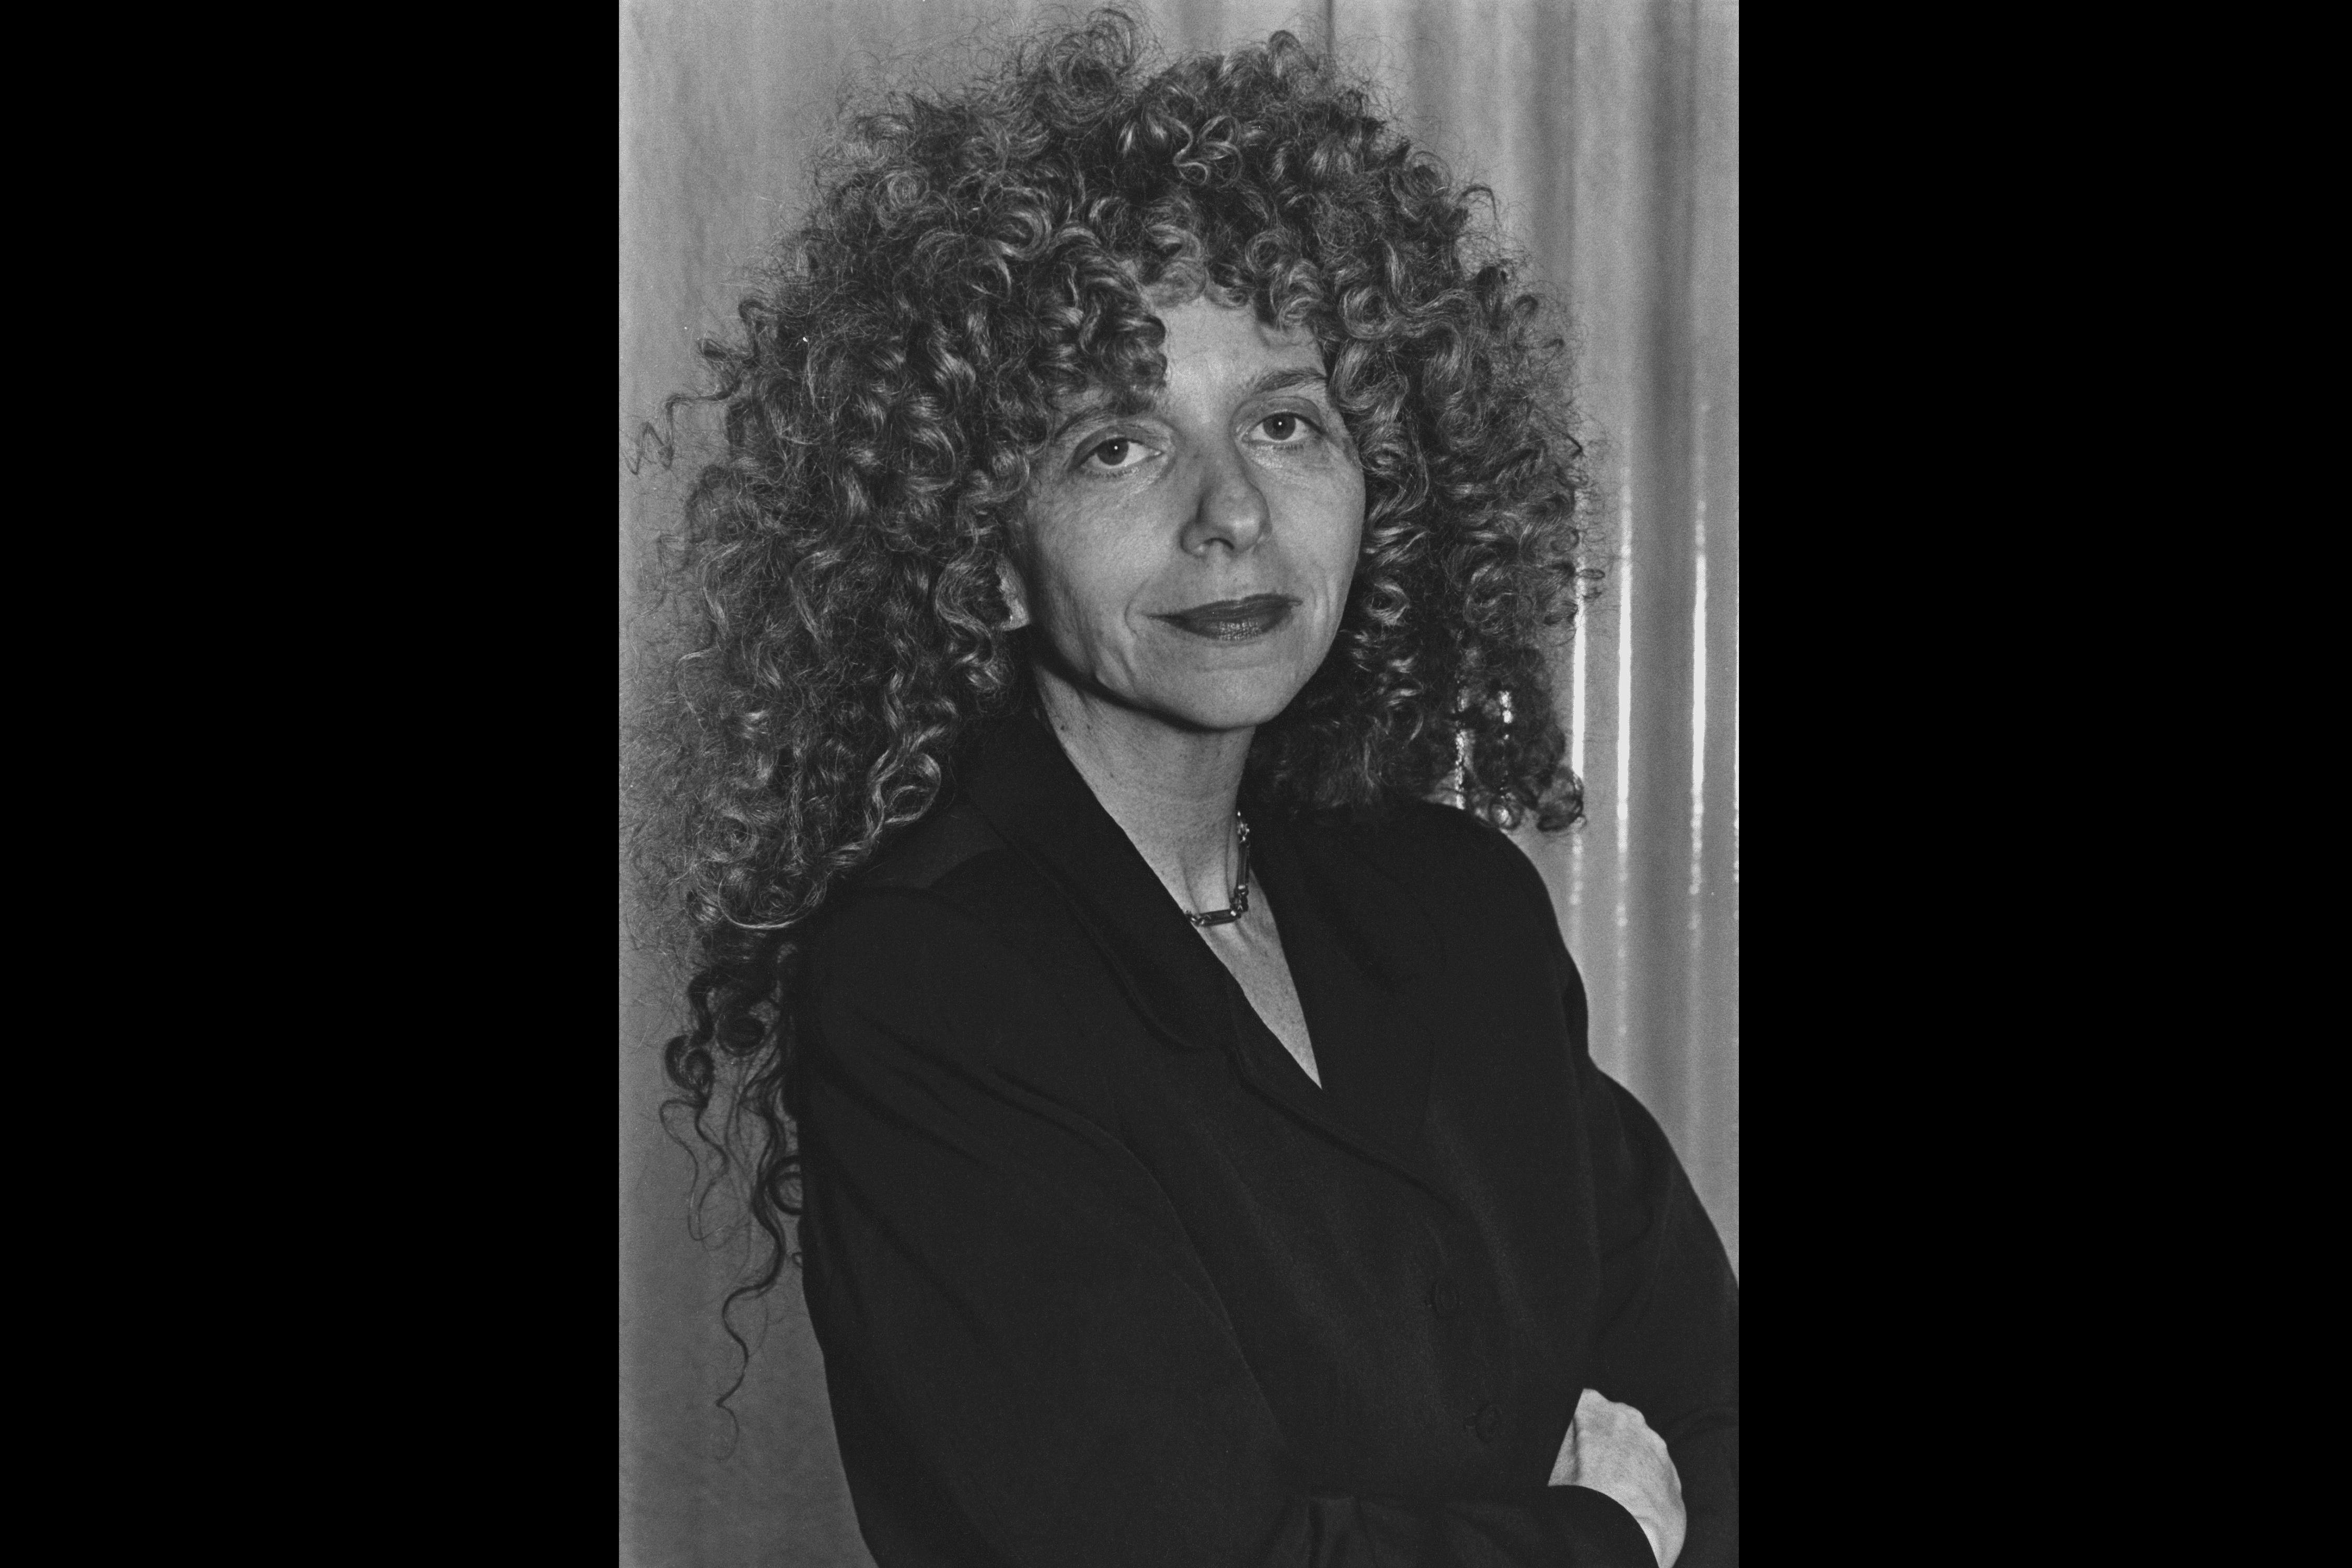 Barbara Kruger portrait